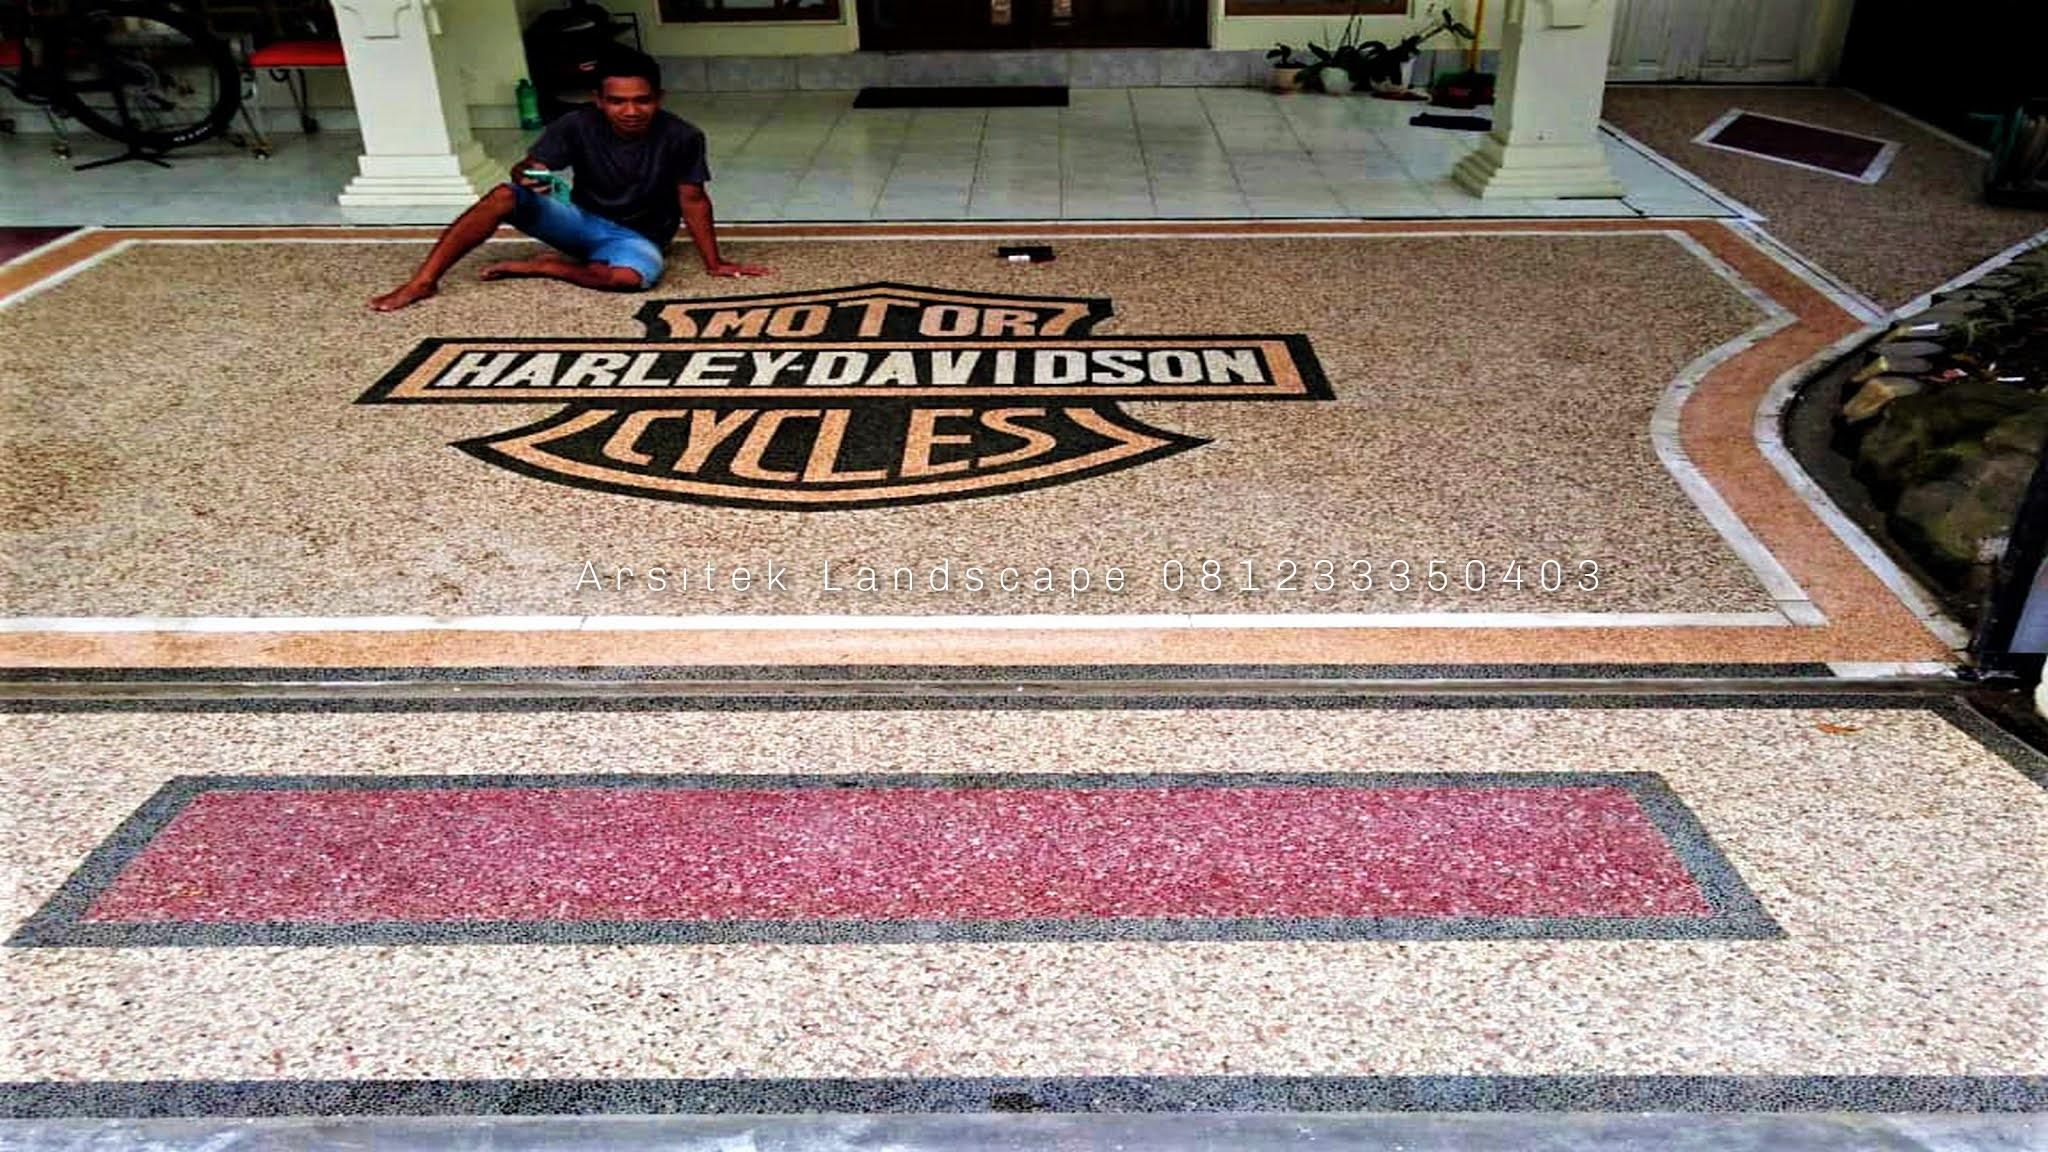 ARSITEK LANDSCAPE merupakan penyedia jasa layanan pemasangan lantai batu sikat/batu kerikil terbaik di gresik dan sekitarnya, mengerjakan berbagai motif batu sikat/batu alam, Tukang Lantai Carport Batu Koral gresik, Tukang Carport gresik, Jasa Pembuatan Batu Lantai Carport /Batu Sikat gresik, Harga Pembuatan Batu Lantai Carport Batu Sikat gresik. Tukang Batu Sikat gresik, Jasa Pembuatan Carport gresik, Jasa Tukang Batu Sikat/Carport gresik, Kami Ahli Dalam Pembuatan Atau Pemasangan Batu Sikat, Batu Carport, Jasa Tukang Carport gresik, Jasa Tukang Batu Sikat gresik, Jasa Pembuatan Carport di gresik, Jasa Pembuatan Batu Sikat Wilayah gresik Dengan Harga Murah Sangat Bersaing. Jasa Pembuatan Carport di gresik, Jasa Pemasangan Lantai Carport gresik, Jasa Tukang Pembuatan Lantai Carport, Jasa Tukang Carport Batu Sikat gresik, Tukang Carport gresik, Jasa Tukang Carport Terbaik di gresik, Jasa Pembuatan Carport di gresik, Jasa Pemasangan Lantai Carport gresik, Tukang carport gresik, Jasa Tukang batu carport batu sikat di gresik, Jasa Tukang Carport Terbaik di gresik, Jasa Pembuatan Carport di gresik, Jasa Pemasangan Lantai Carport gresik,